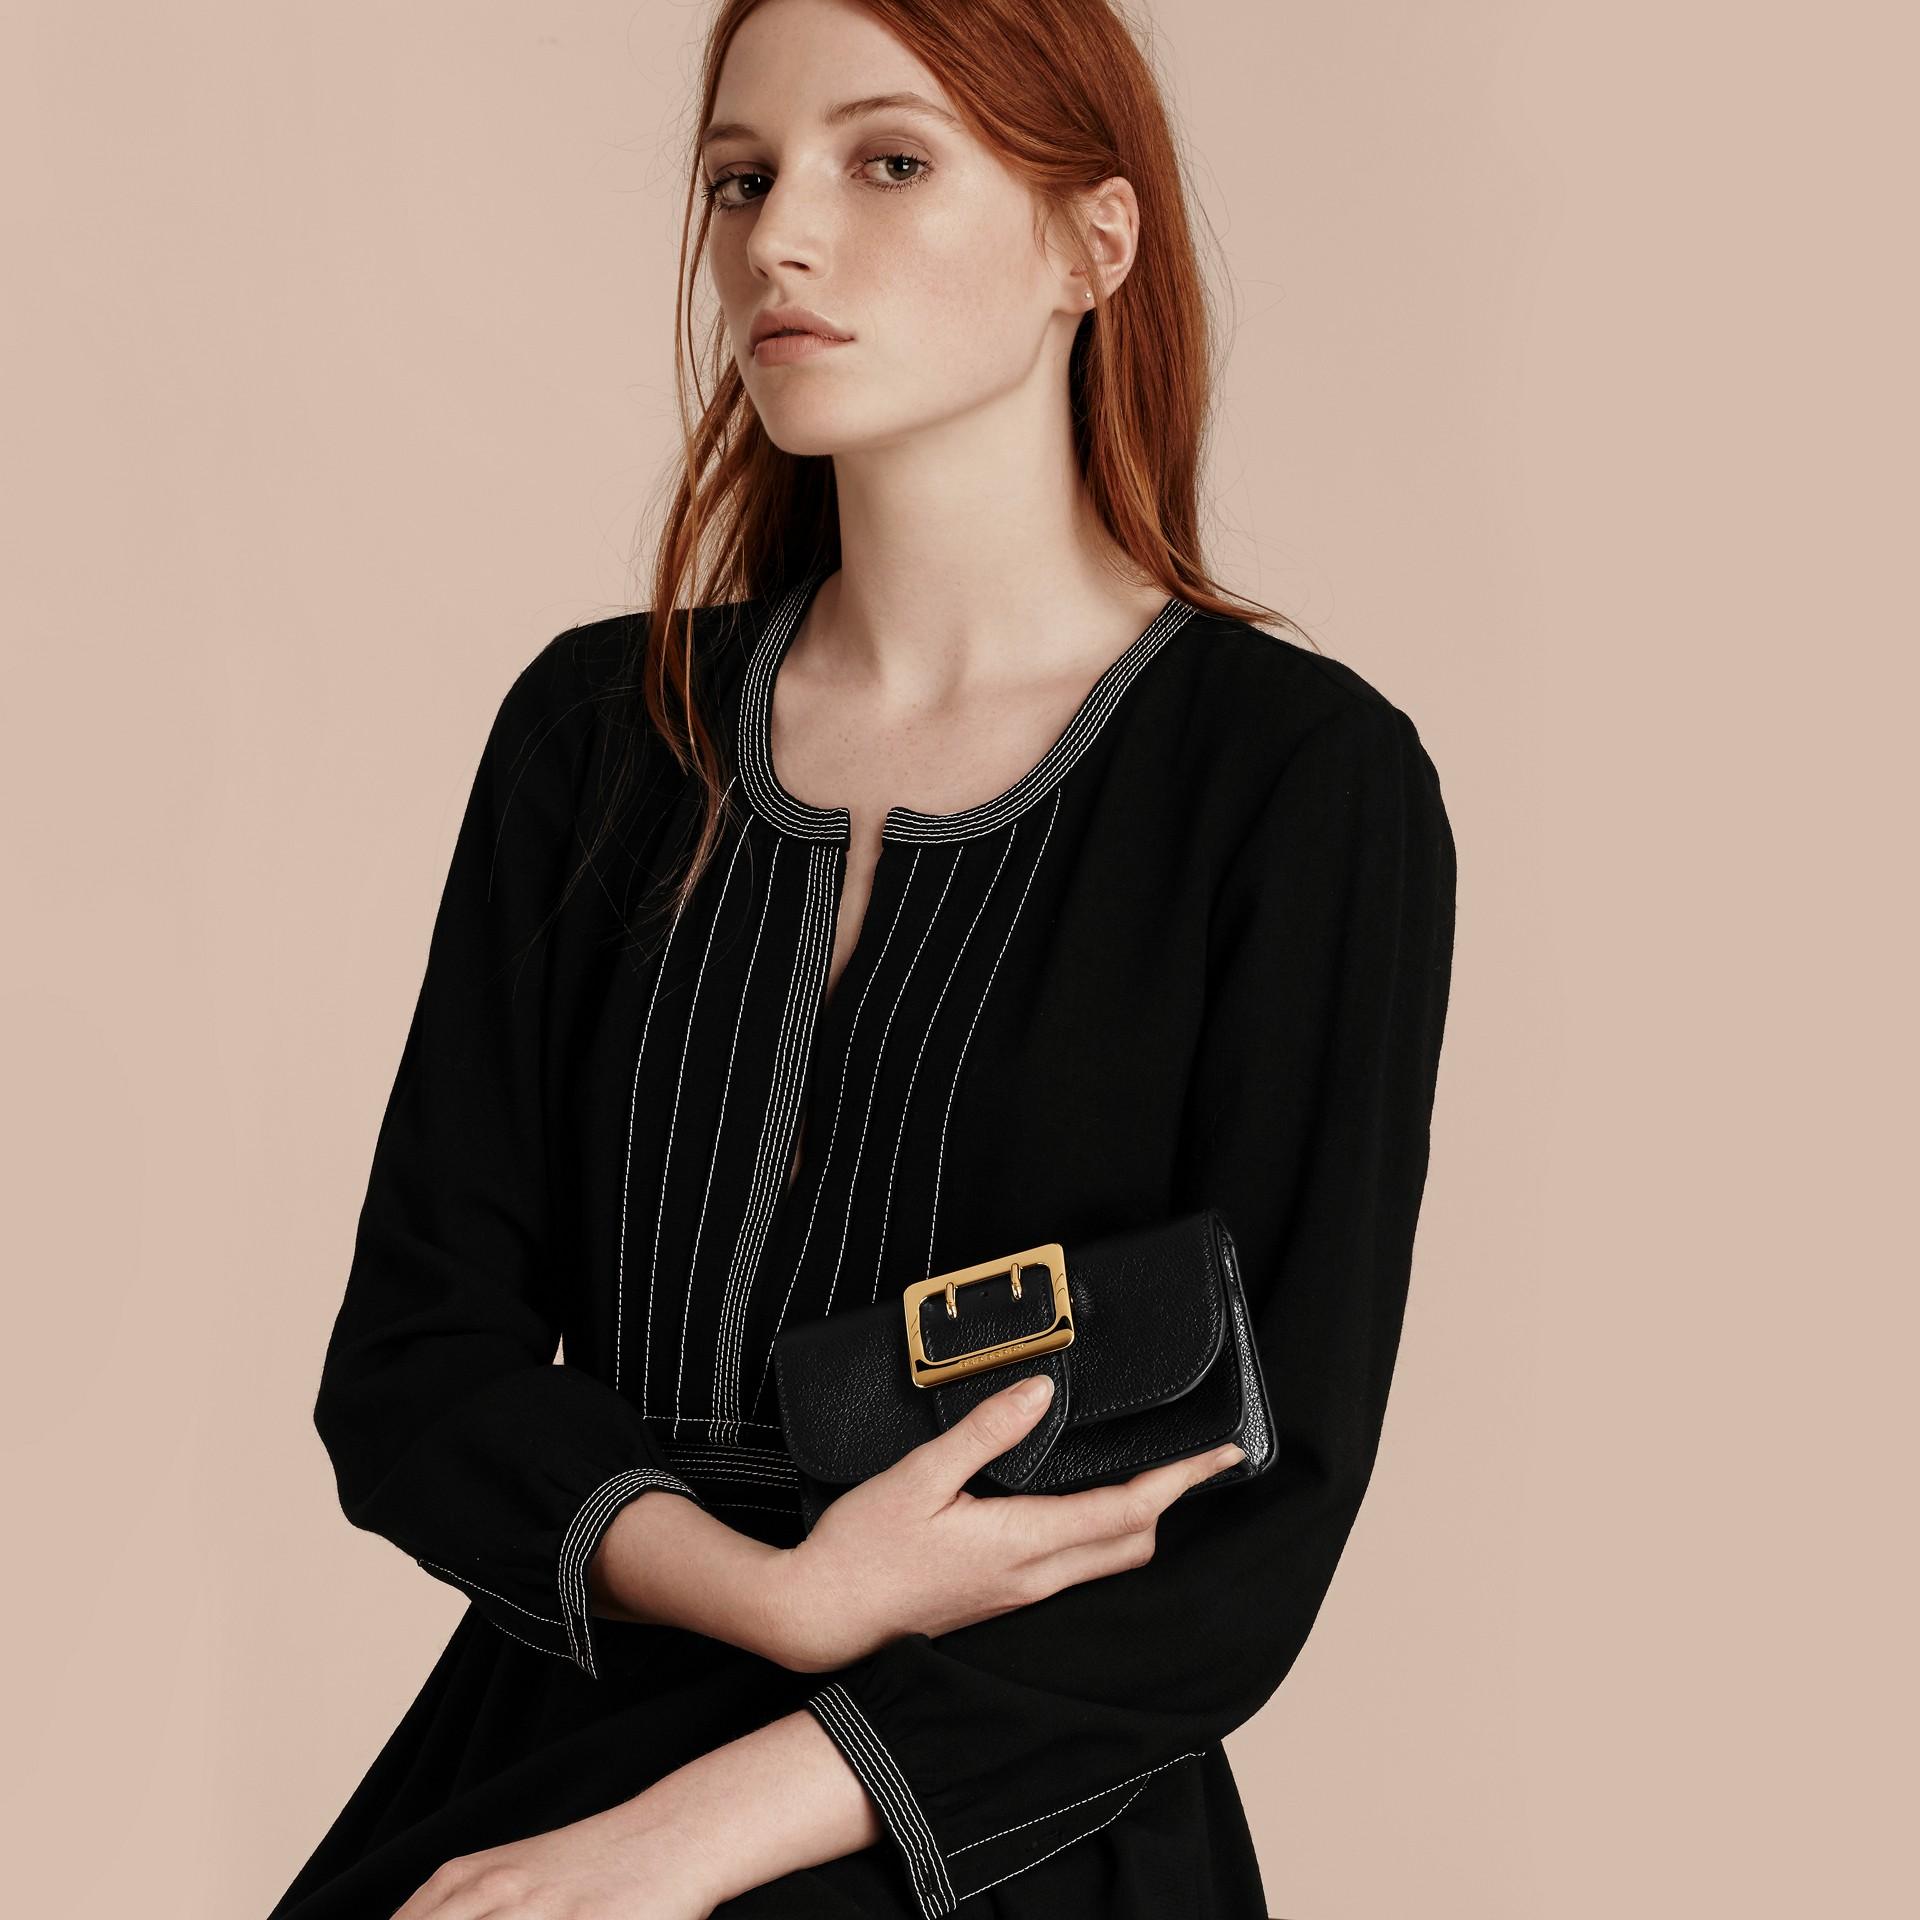 Noir Mini sac The Buckle en cuir grainé Noir - photo de la galerie 4